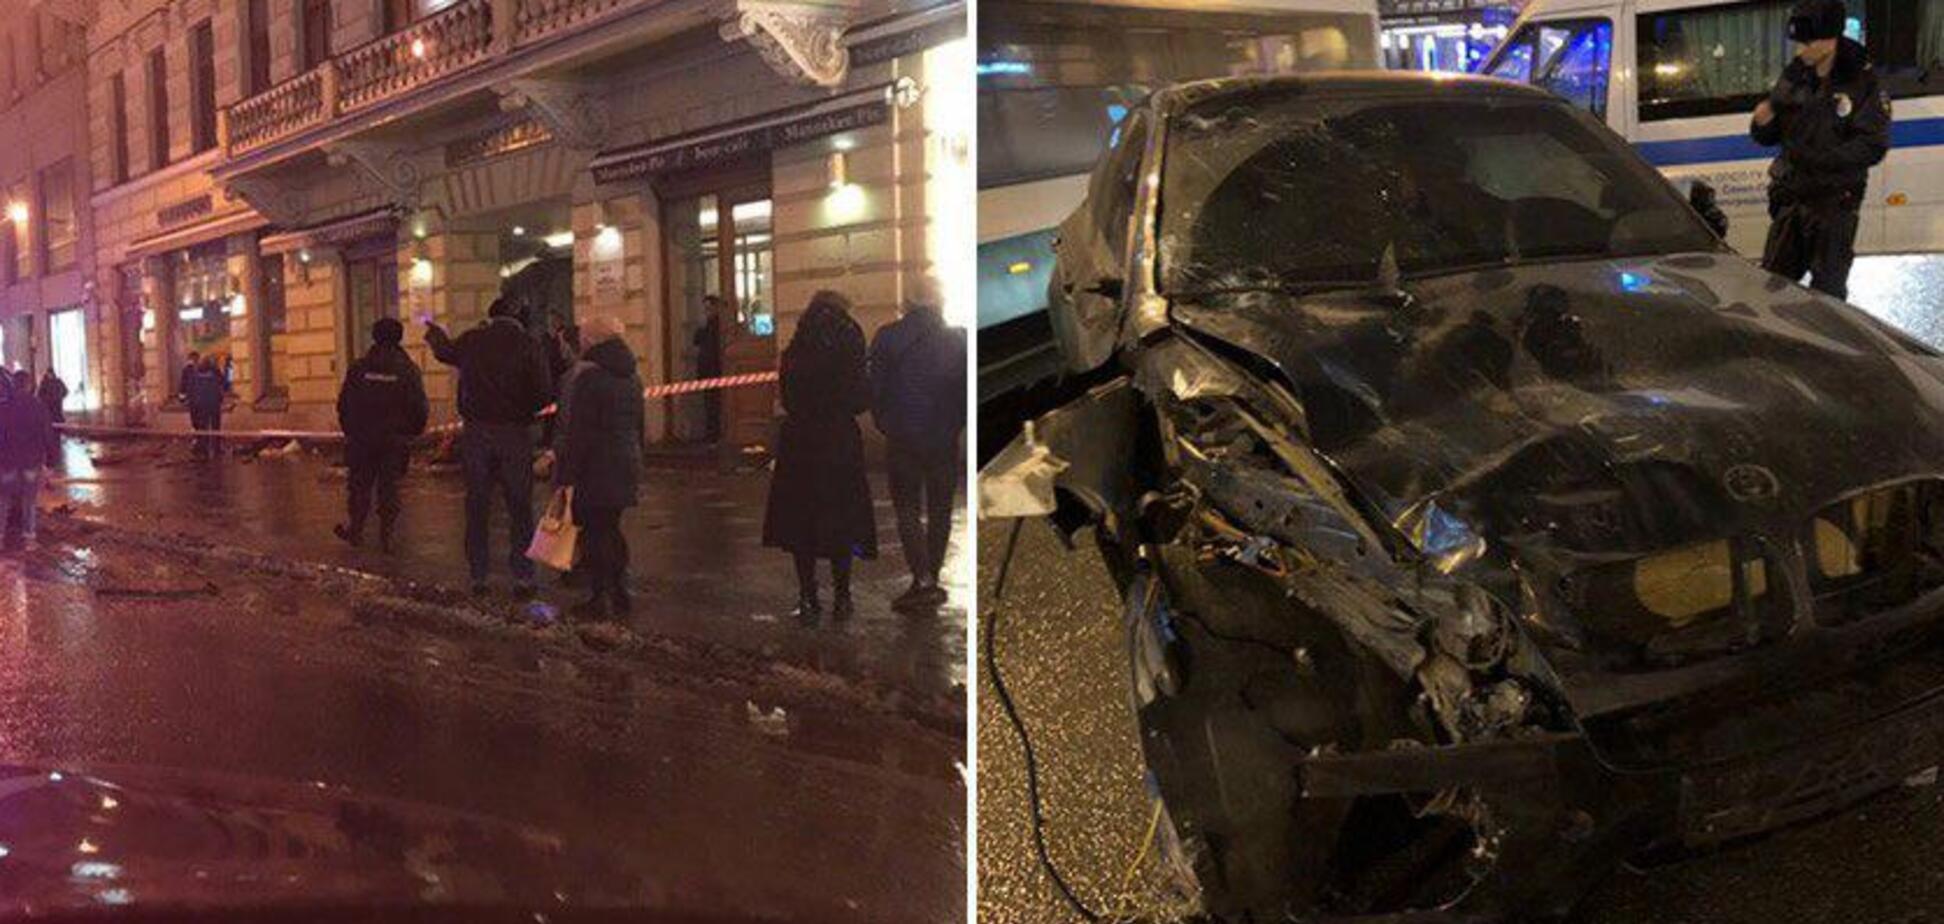 БМВ протаранив натовп у Росії: багато загиблих і поранених. Відео 18+